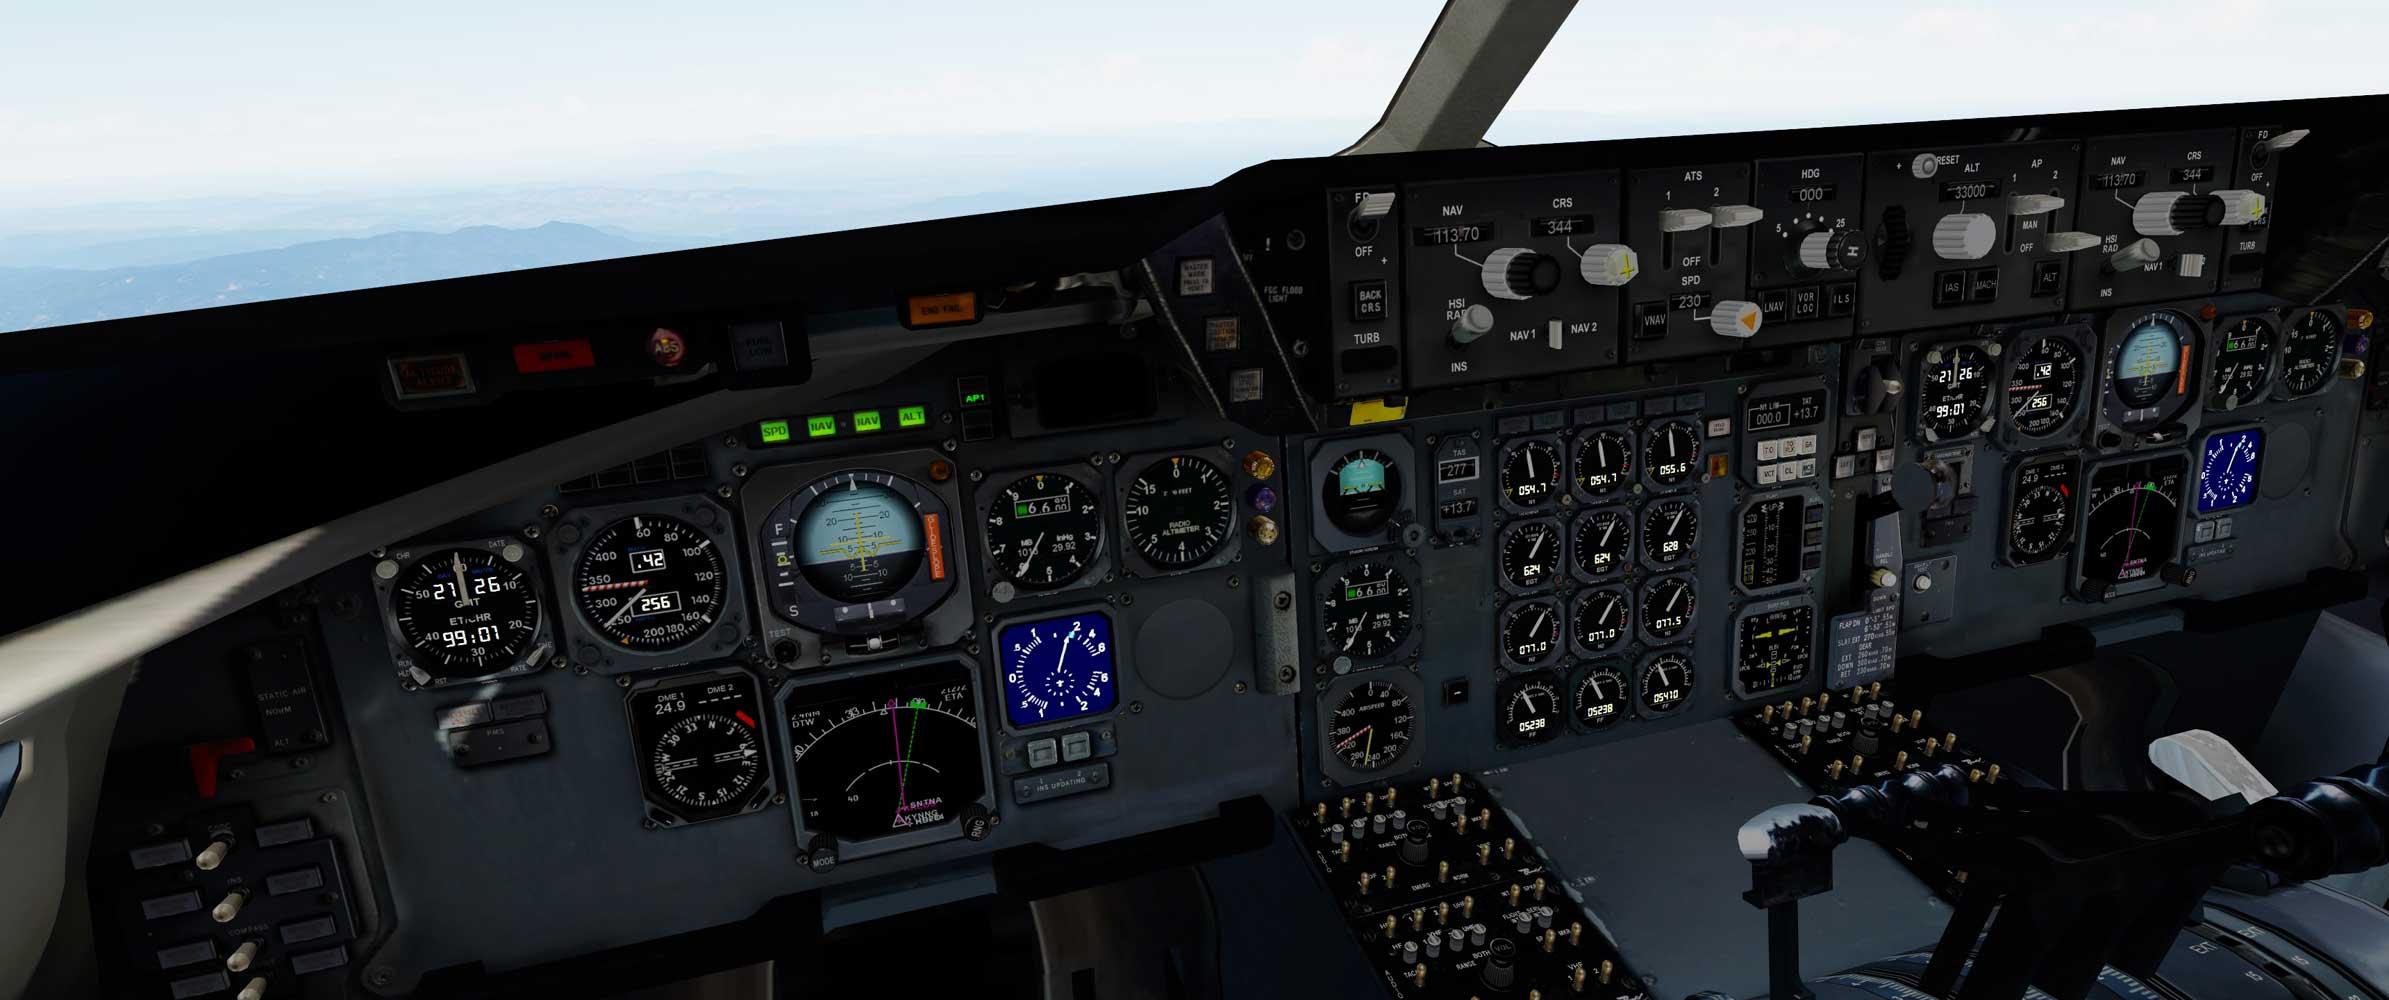 flight_deck.jpg